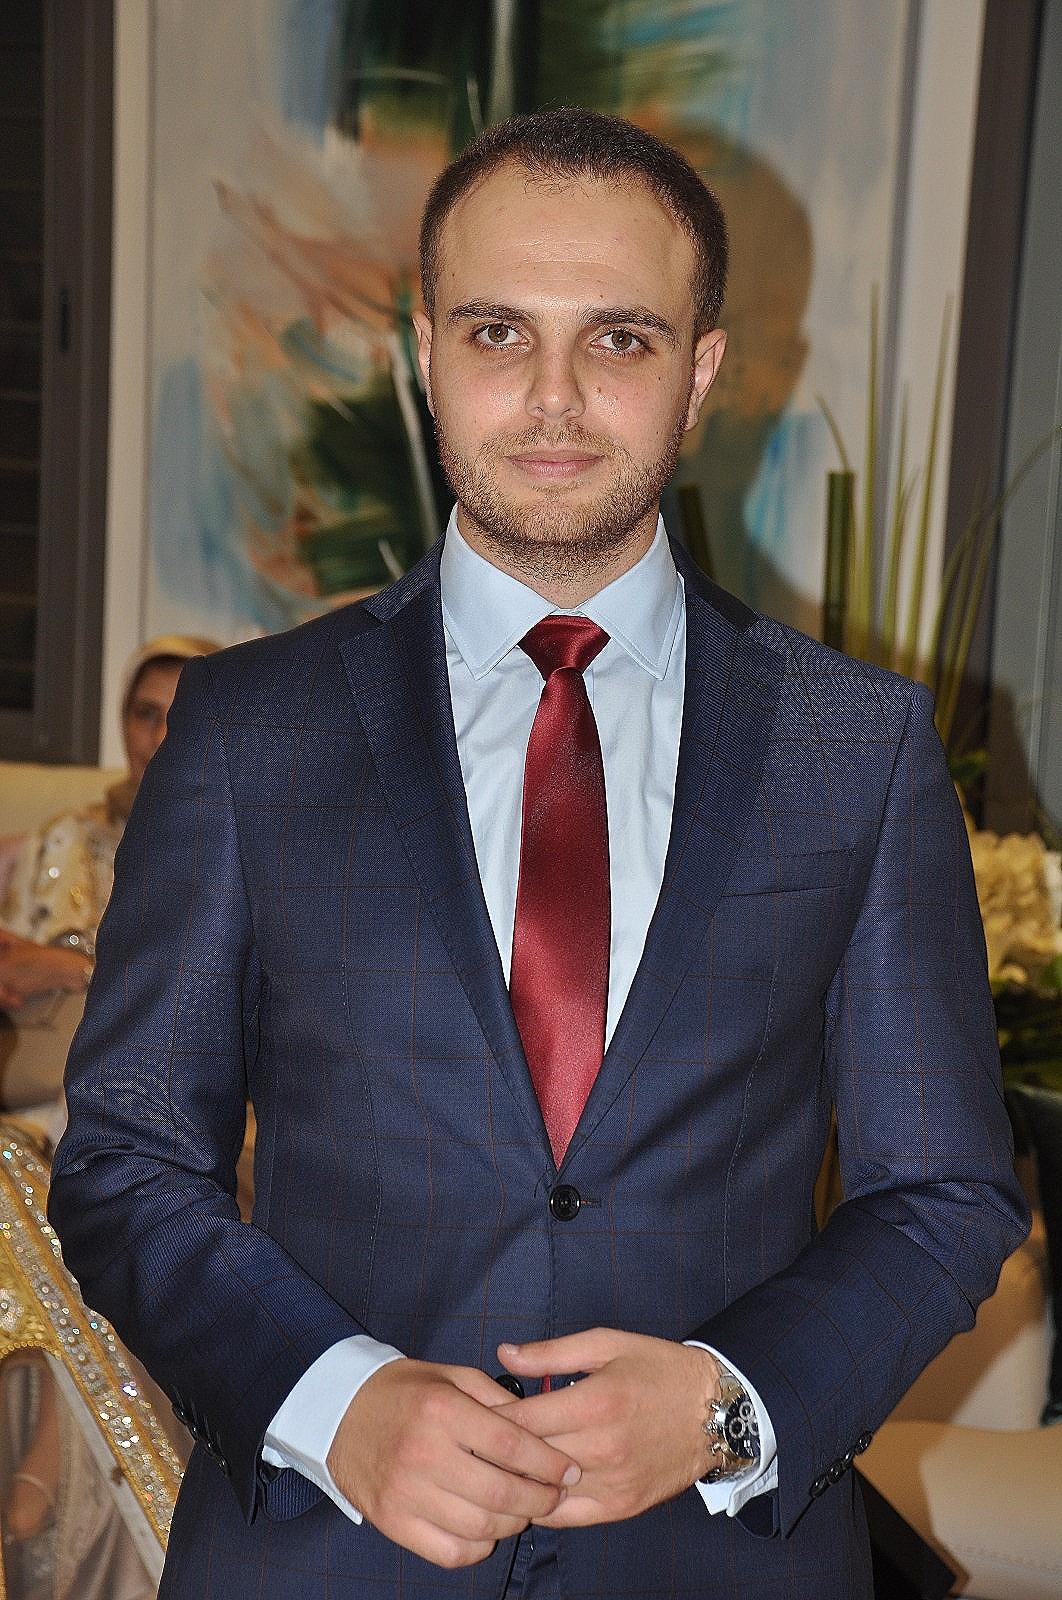 Mr. Yassine Tutor